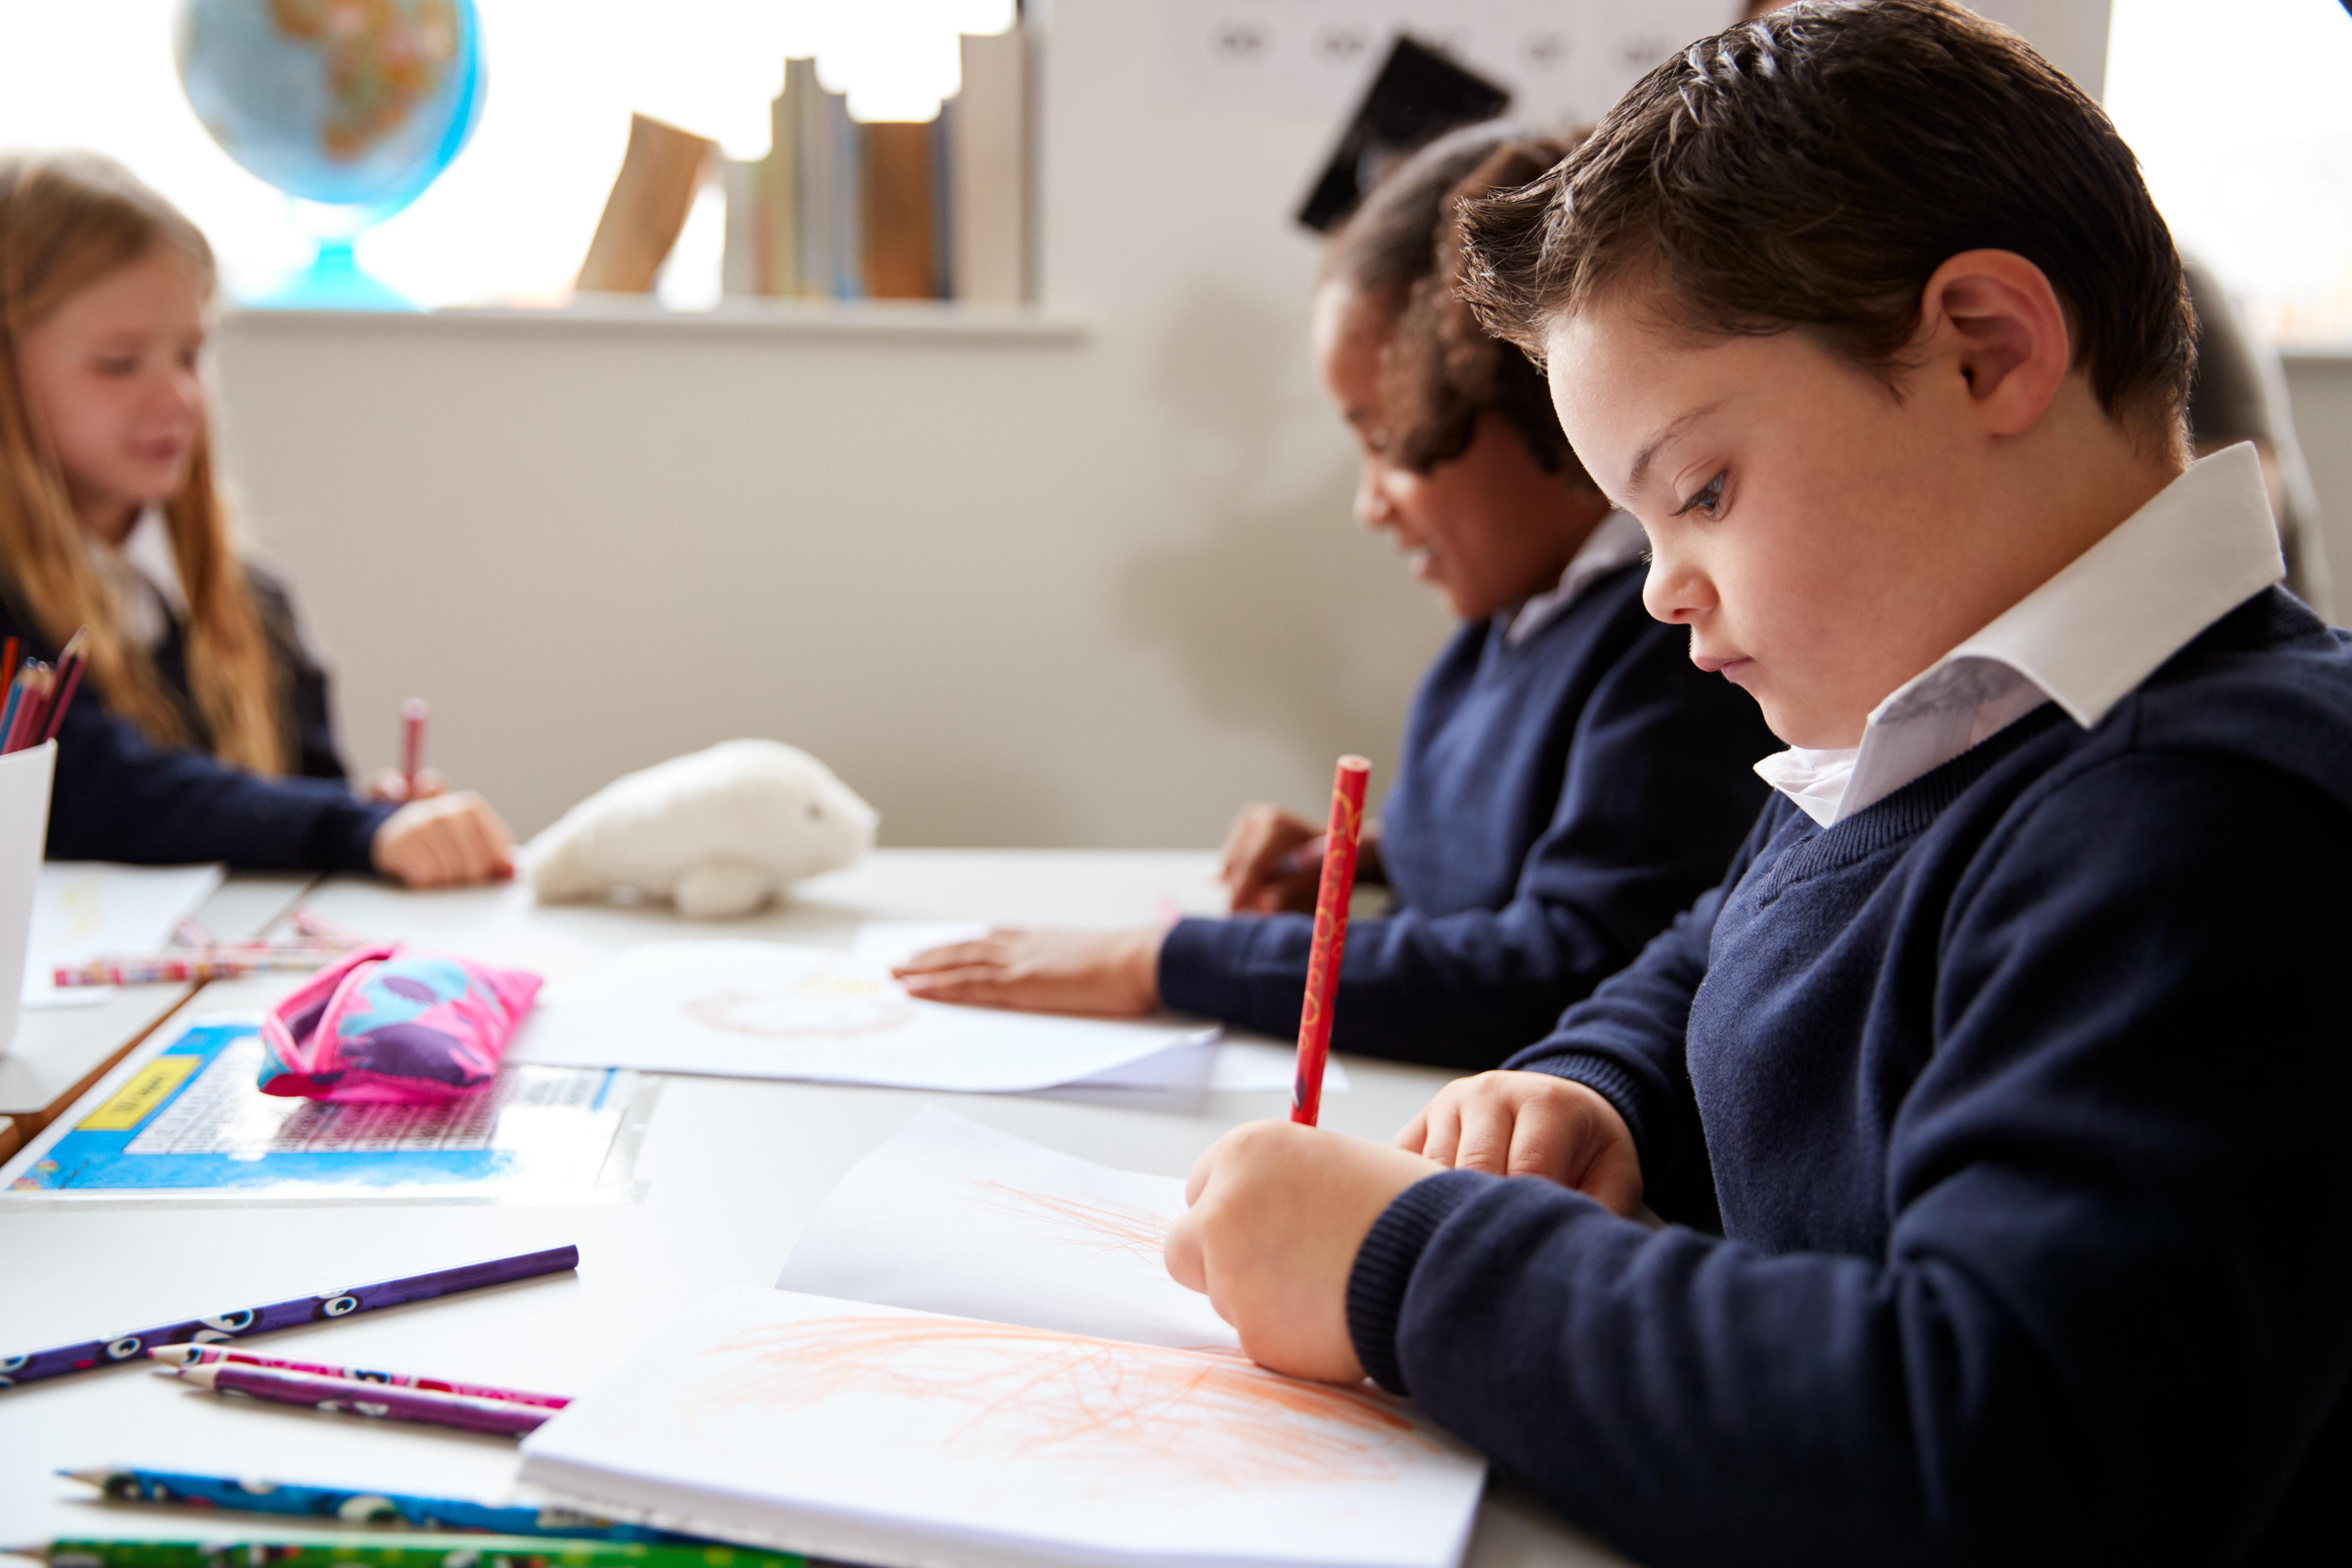 Sobrepeso y obesidad infantil, y su influencia en el rendimiento escolar